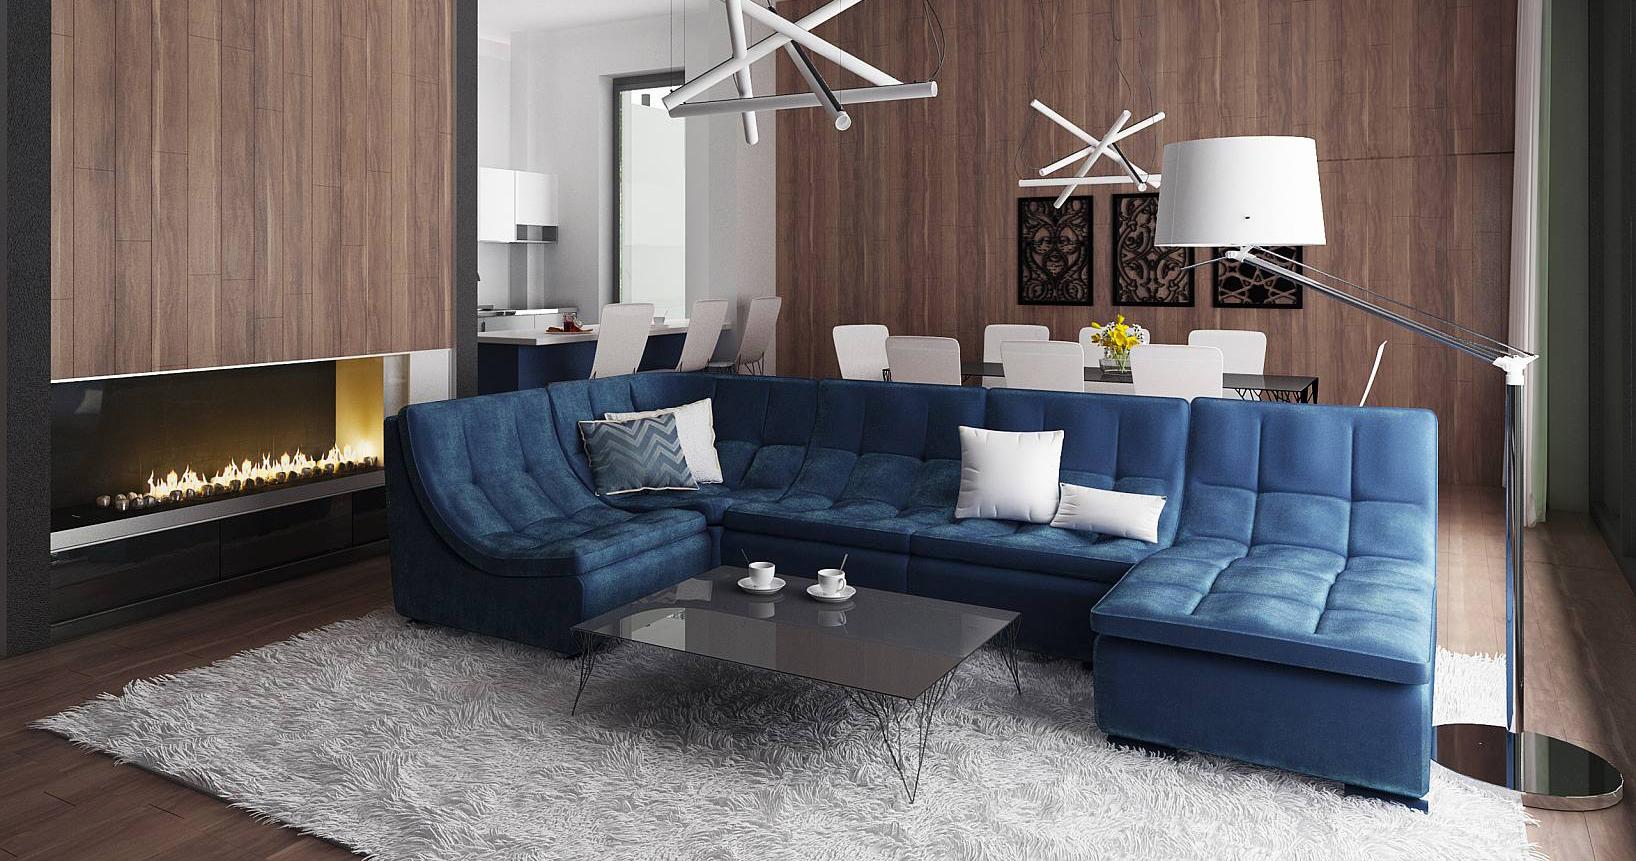 Maison ossature bois contemporaine moderne LEILA -8